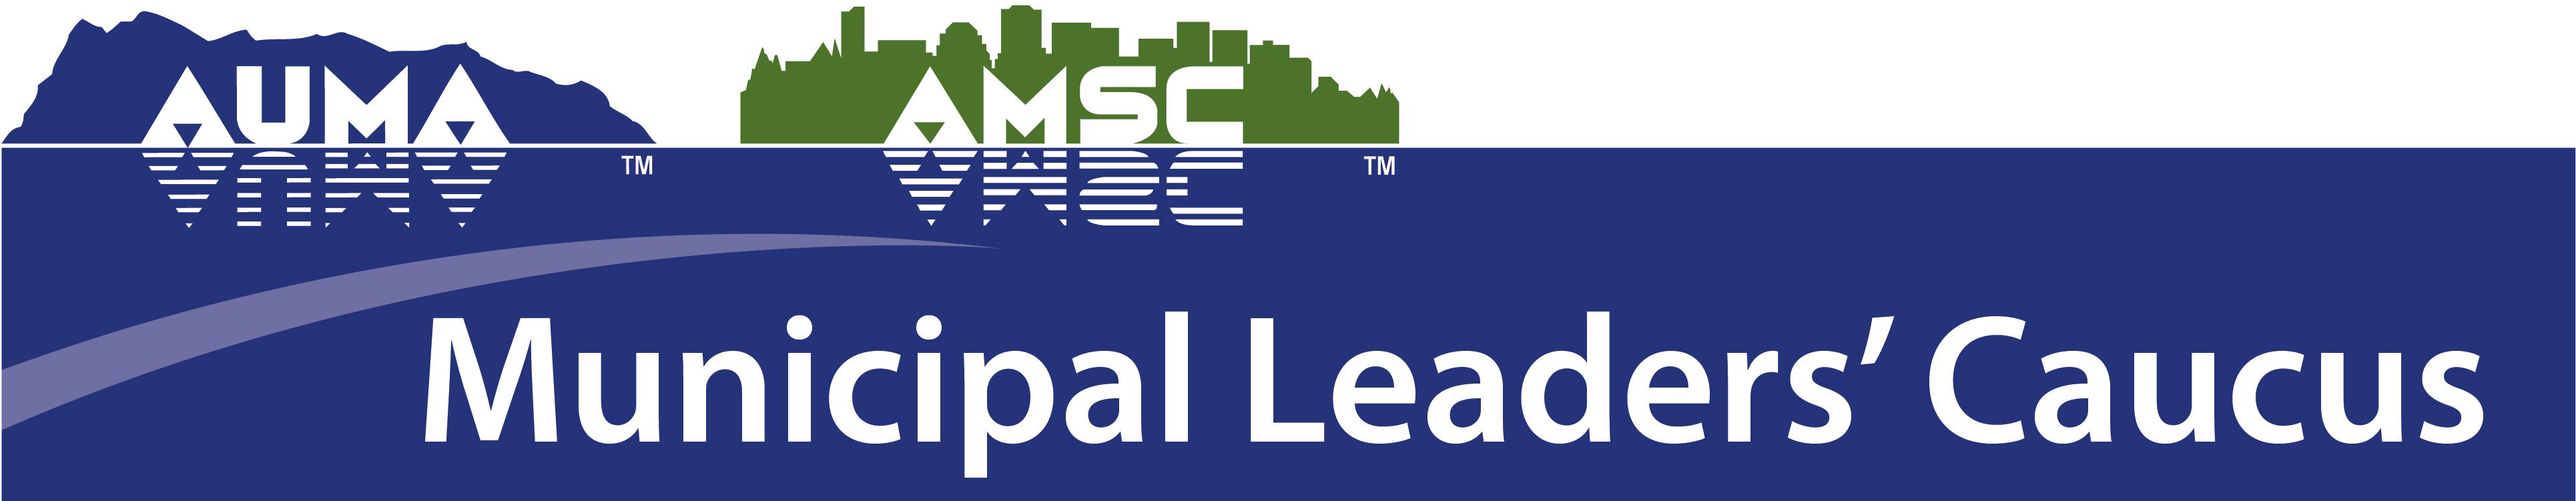 2019 June Municipal Leaders' Caucus